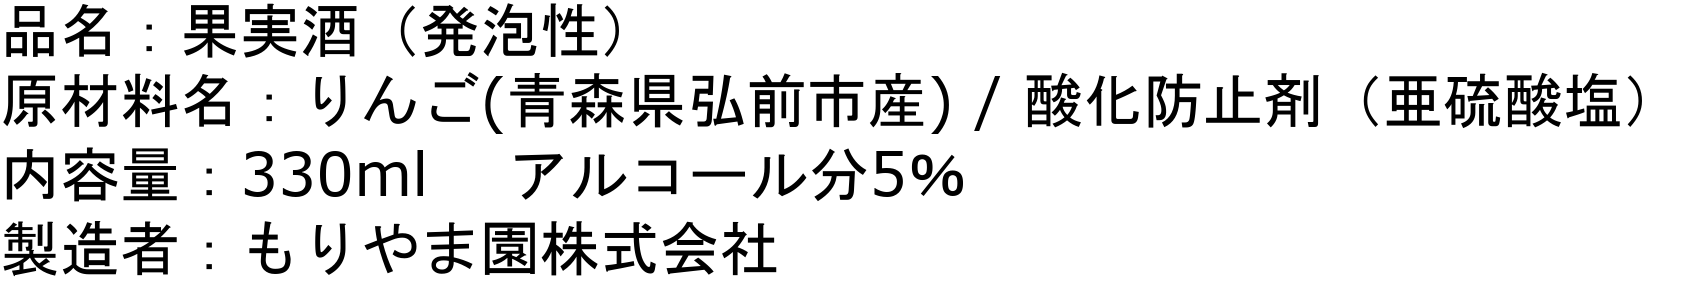 シードルページ編集